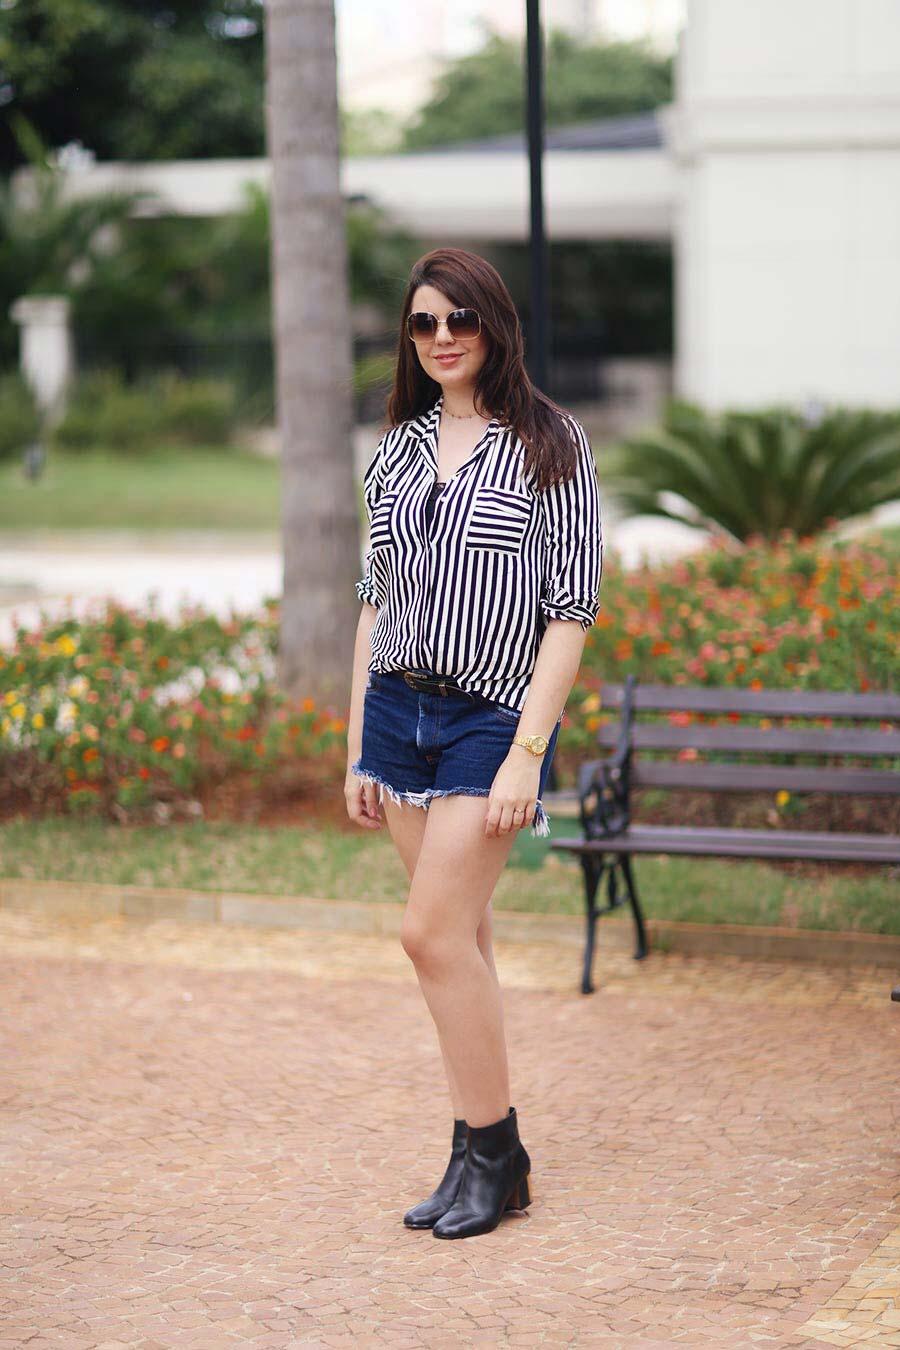 c22d753aa Look do dia  Camisa preta e branca - Just Lia